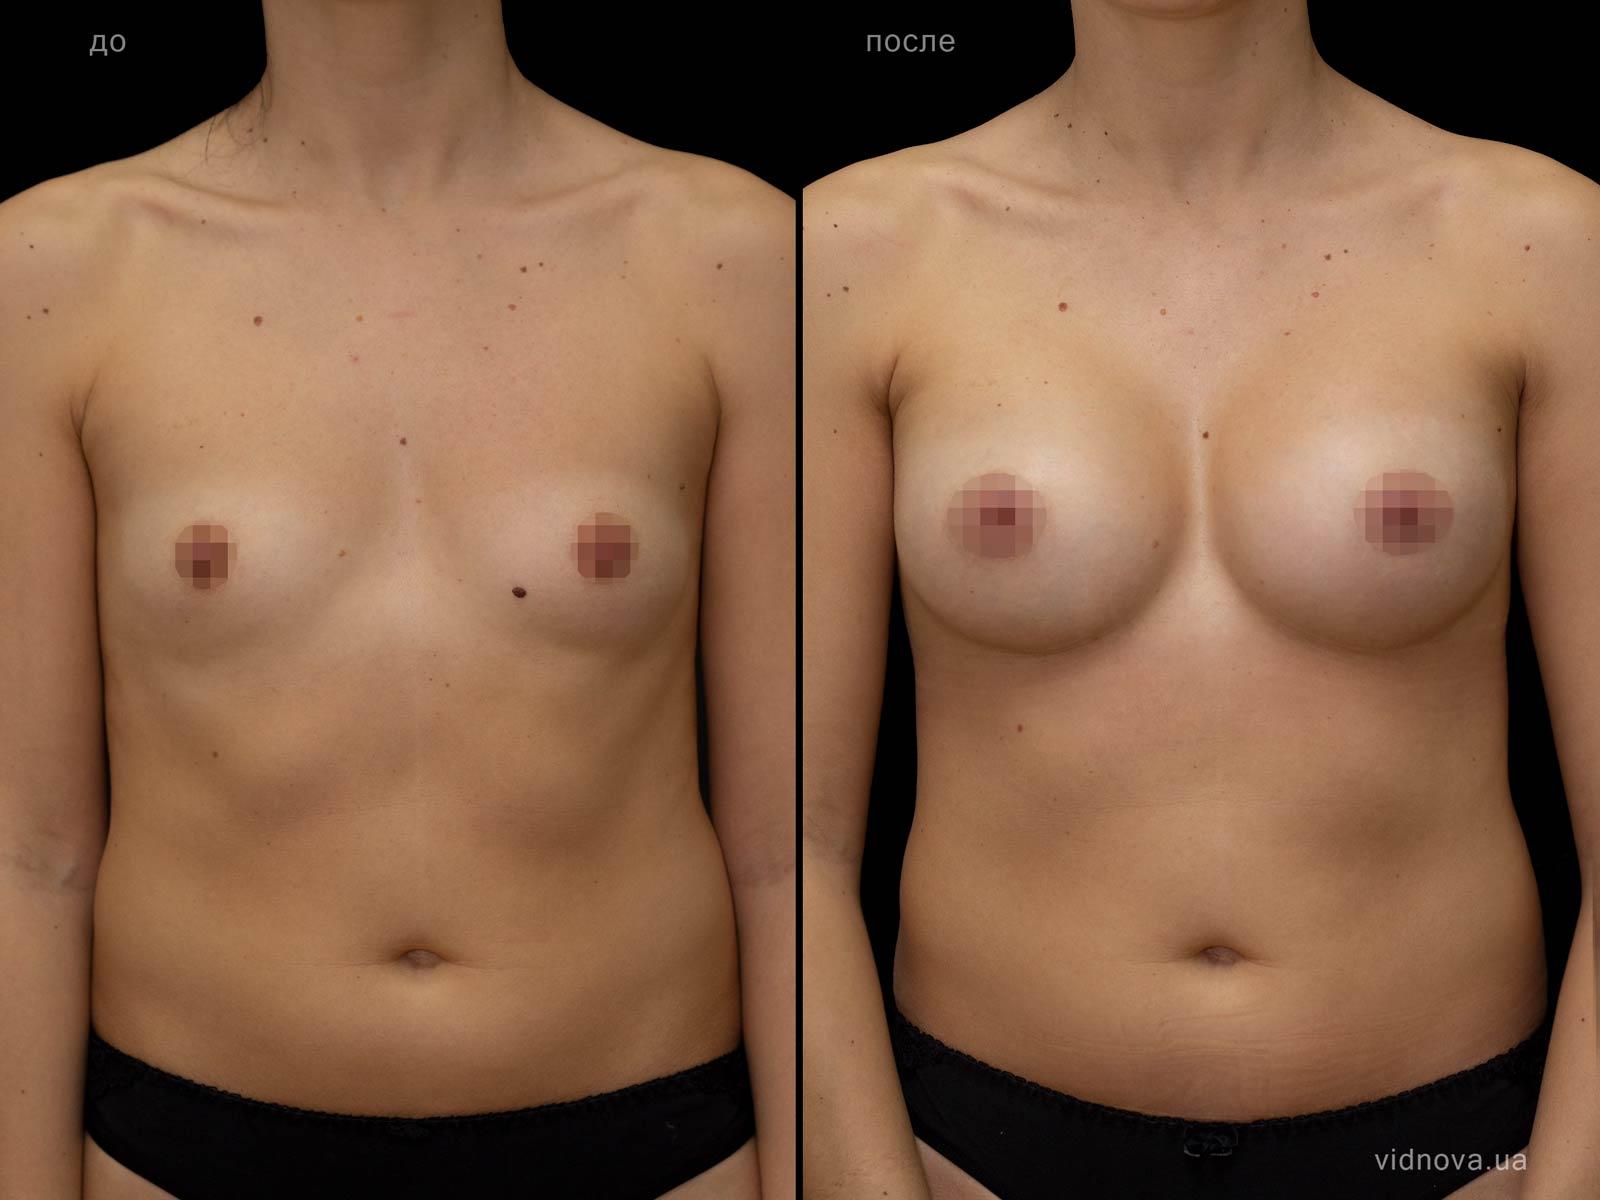 Пластика груди: результаты до и после - Пример №82-0 - Светлана Работенко